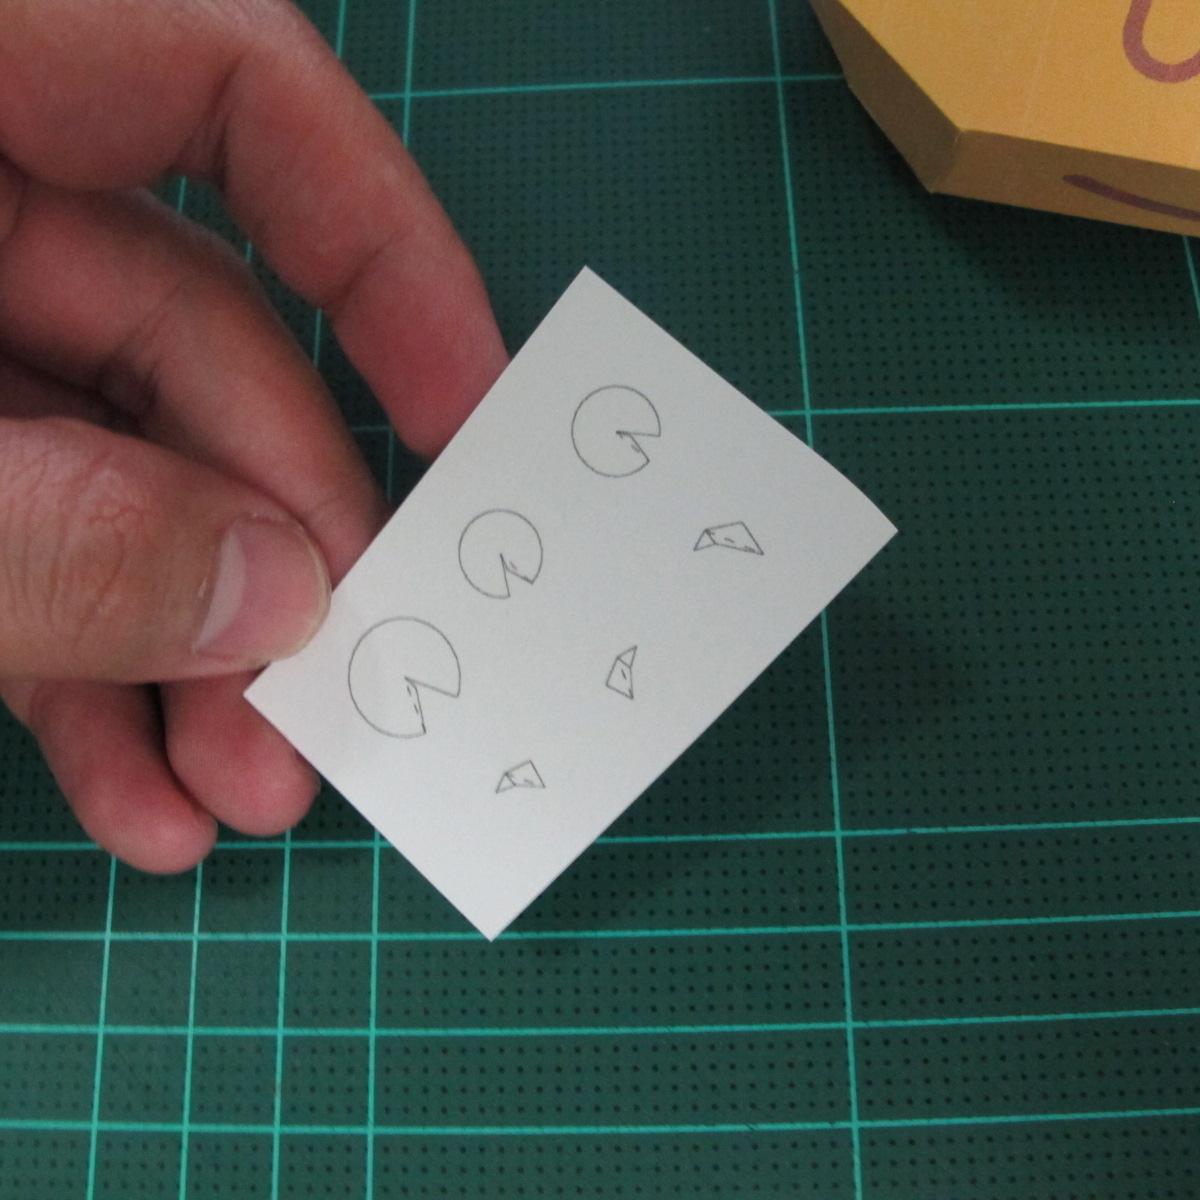 วิธีทำโมเดลกระดาษตุ้กตาสัตว์เลี้ยง หยดทองจากเกมส์ คุกกี้รัน (LINE Cookie Run Gold Drop Papercraft Model - クッキーラン  「黄金ドロップ」 ペーパークラフト) 017